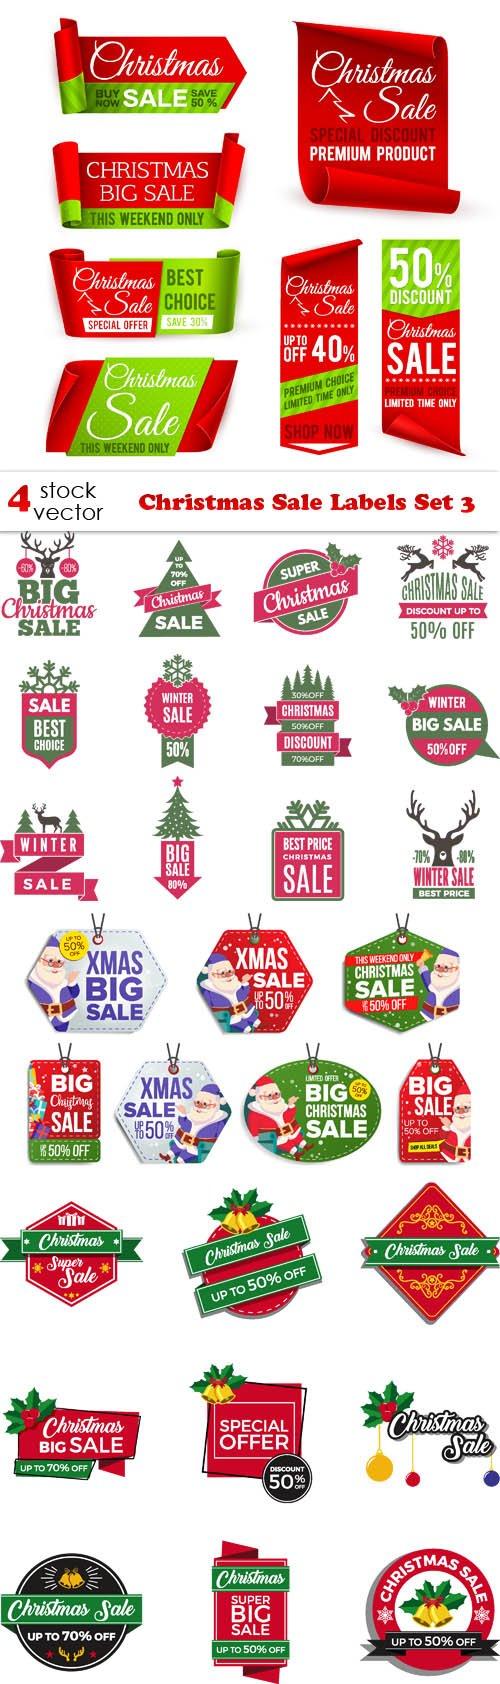 Vectors - Christmas Sale Labels Set 3